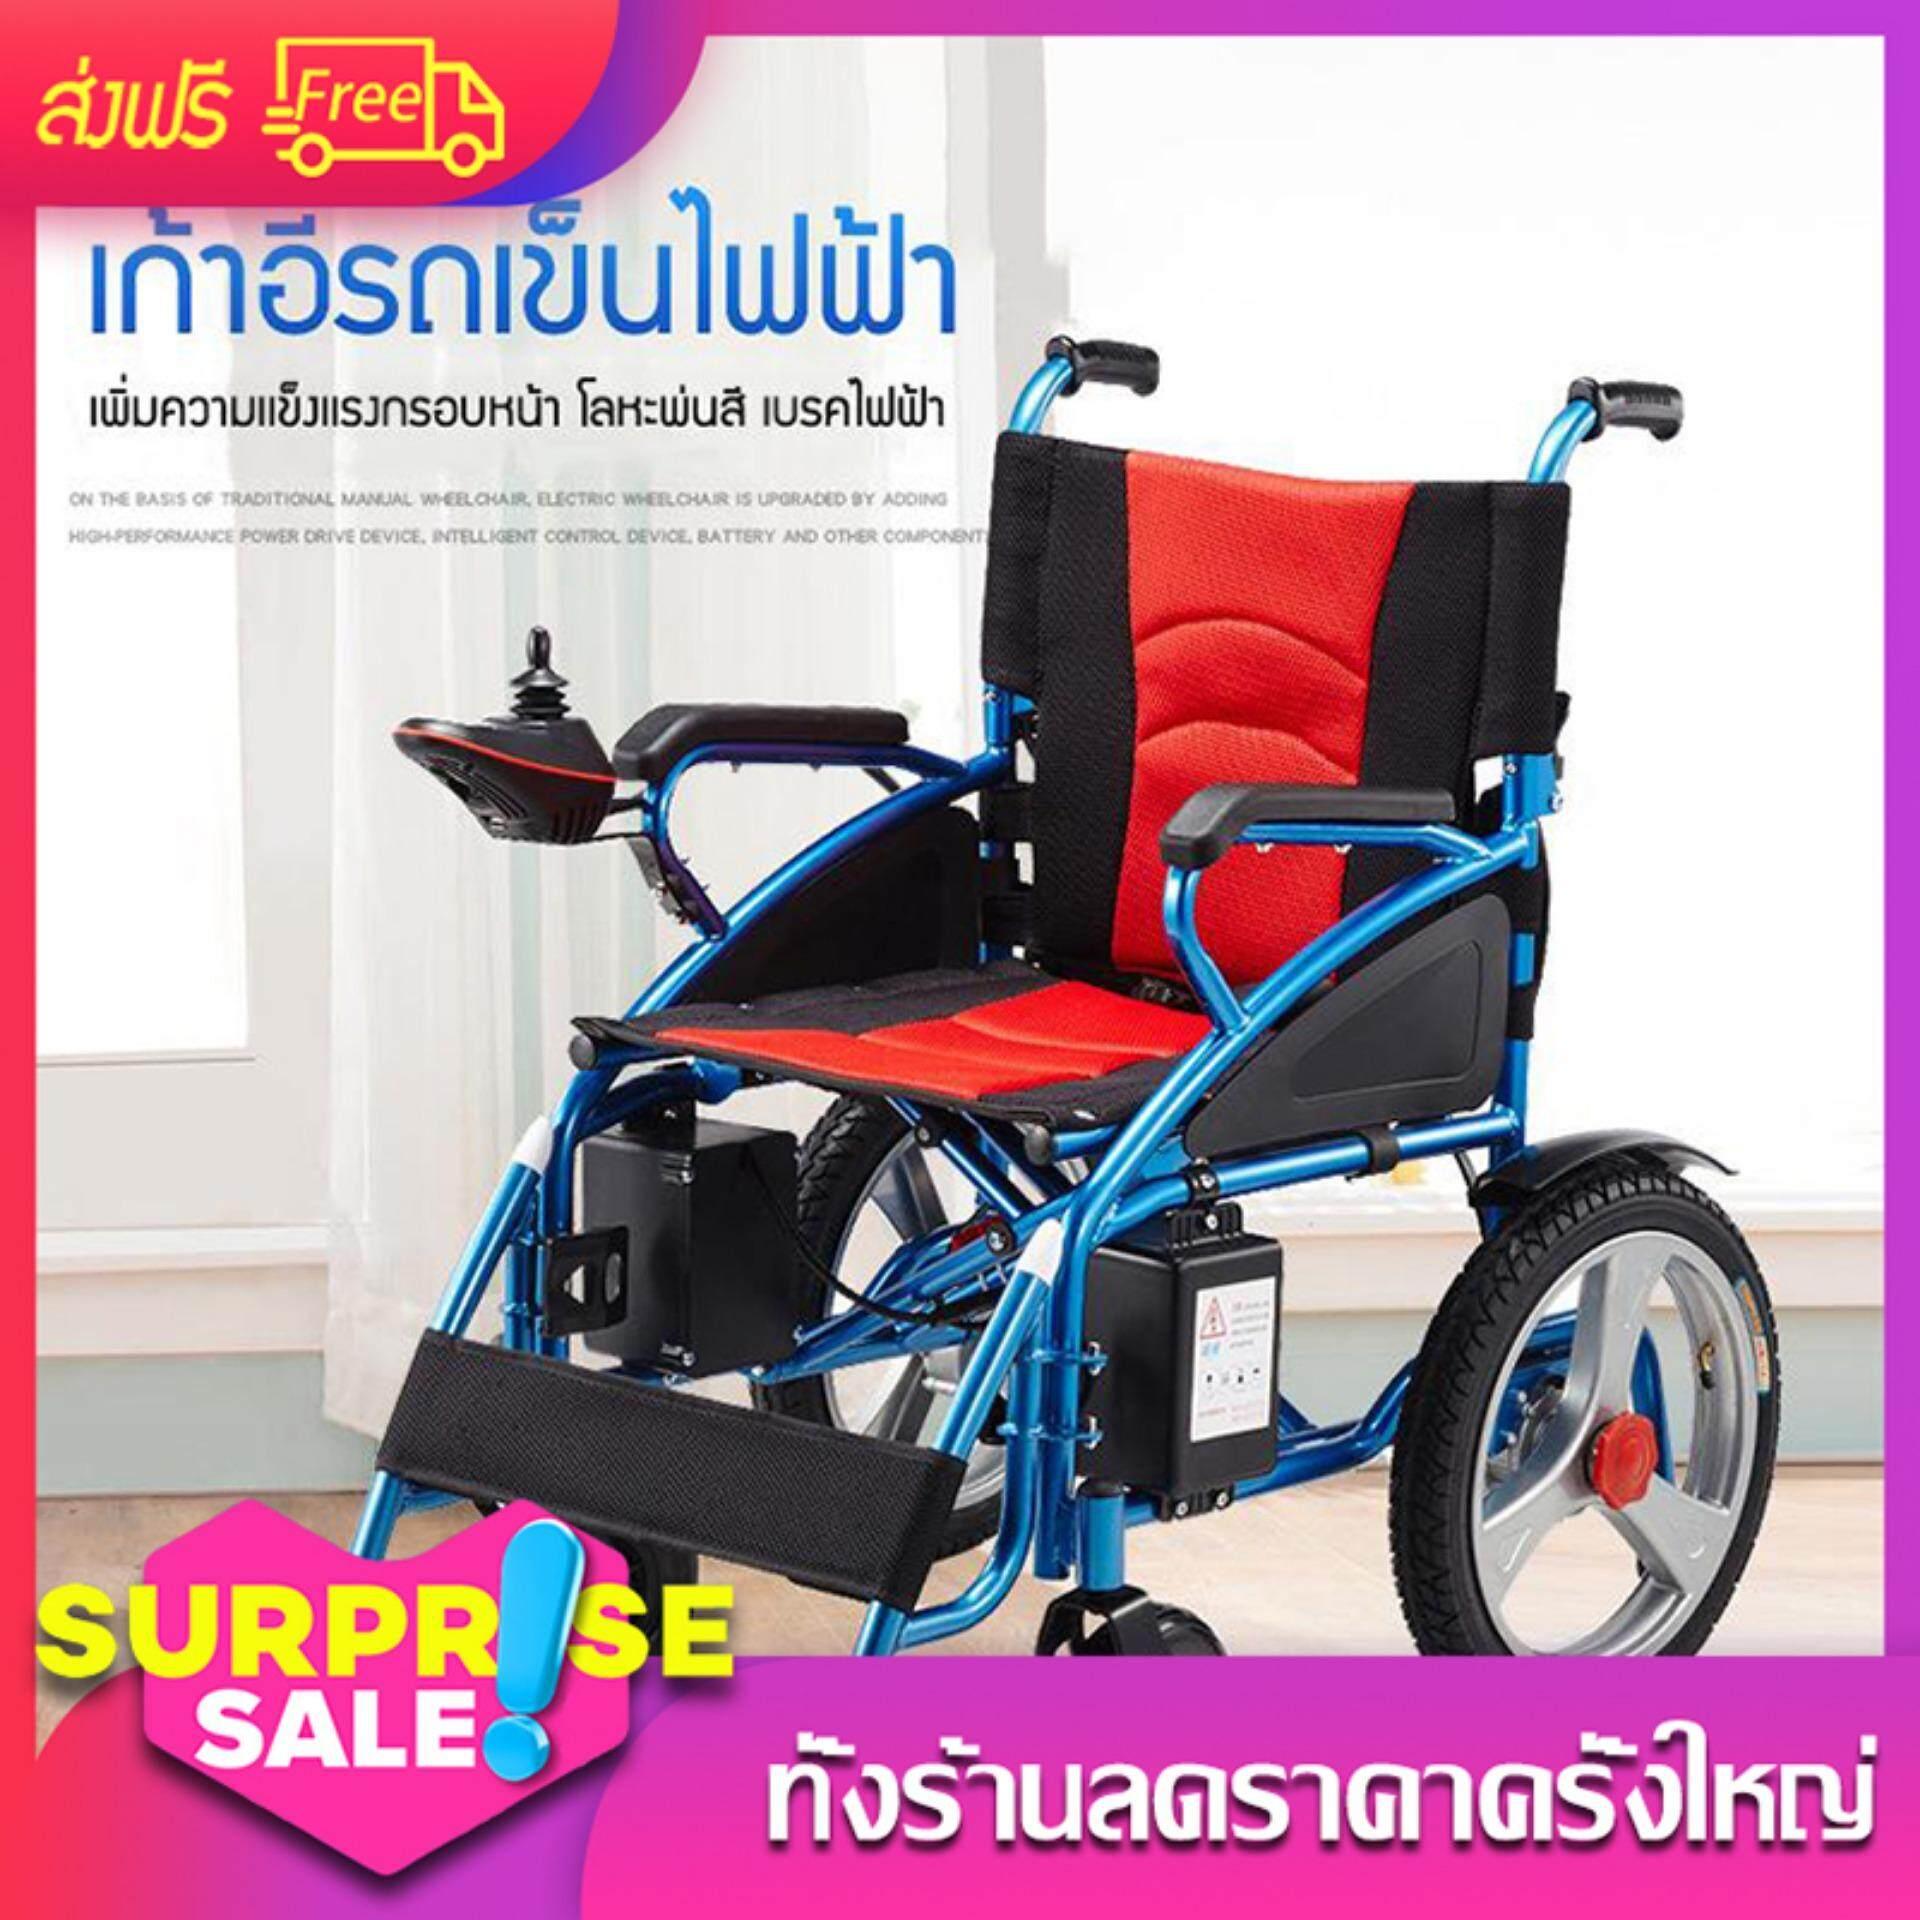 สุดยอดสินค้า!! เก้าอี้รถเข็นไฟฟ้า Wheelchair รถเข็นผู้ป่วย รถเข็นผู้สูงอายุ มือคอนโทรลได้ มีเบรคมือ ล้อหนา แข็งเเรง ปลอดภัย แบต2ก้อน Carrefour